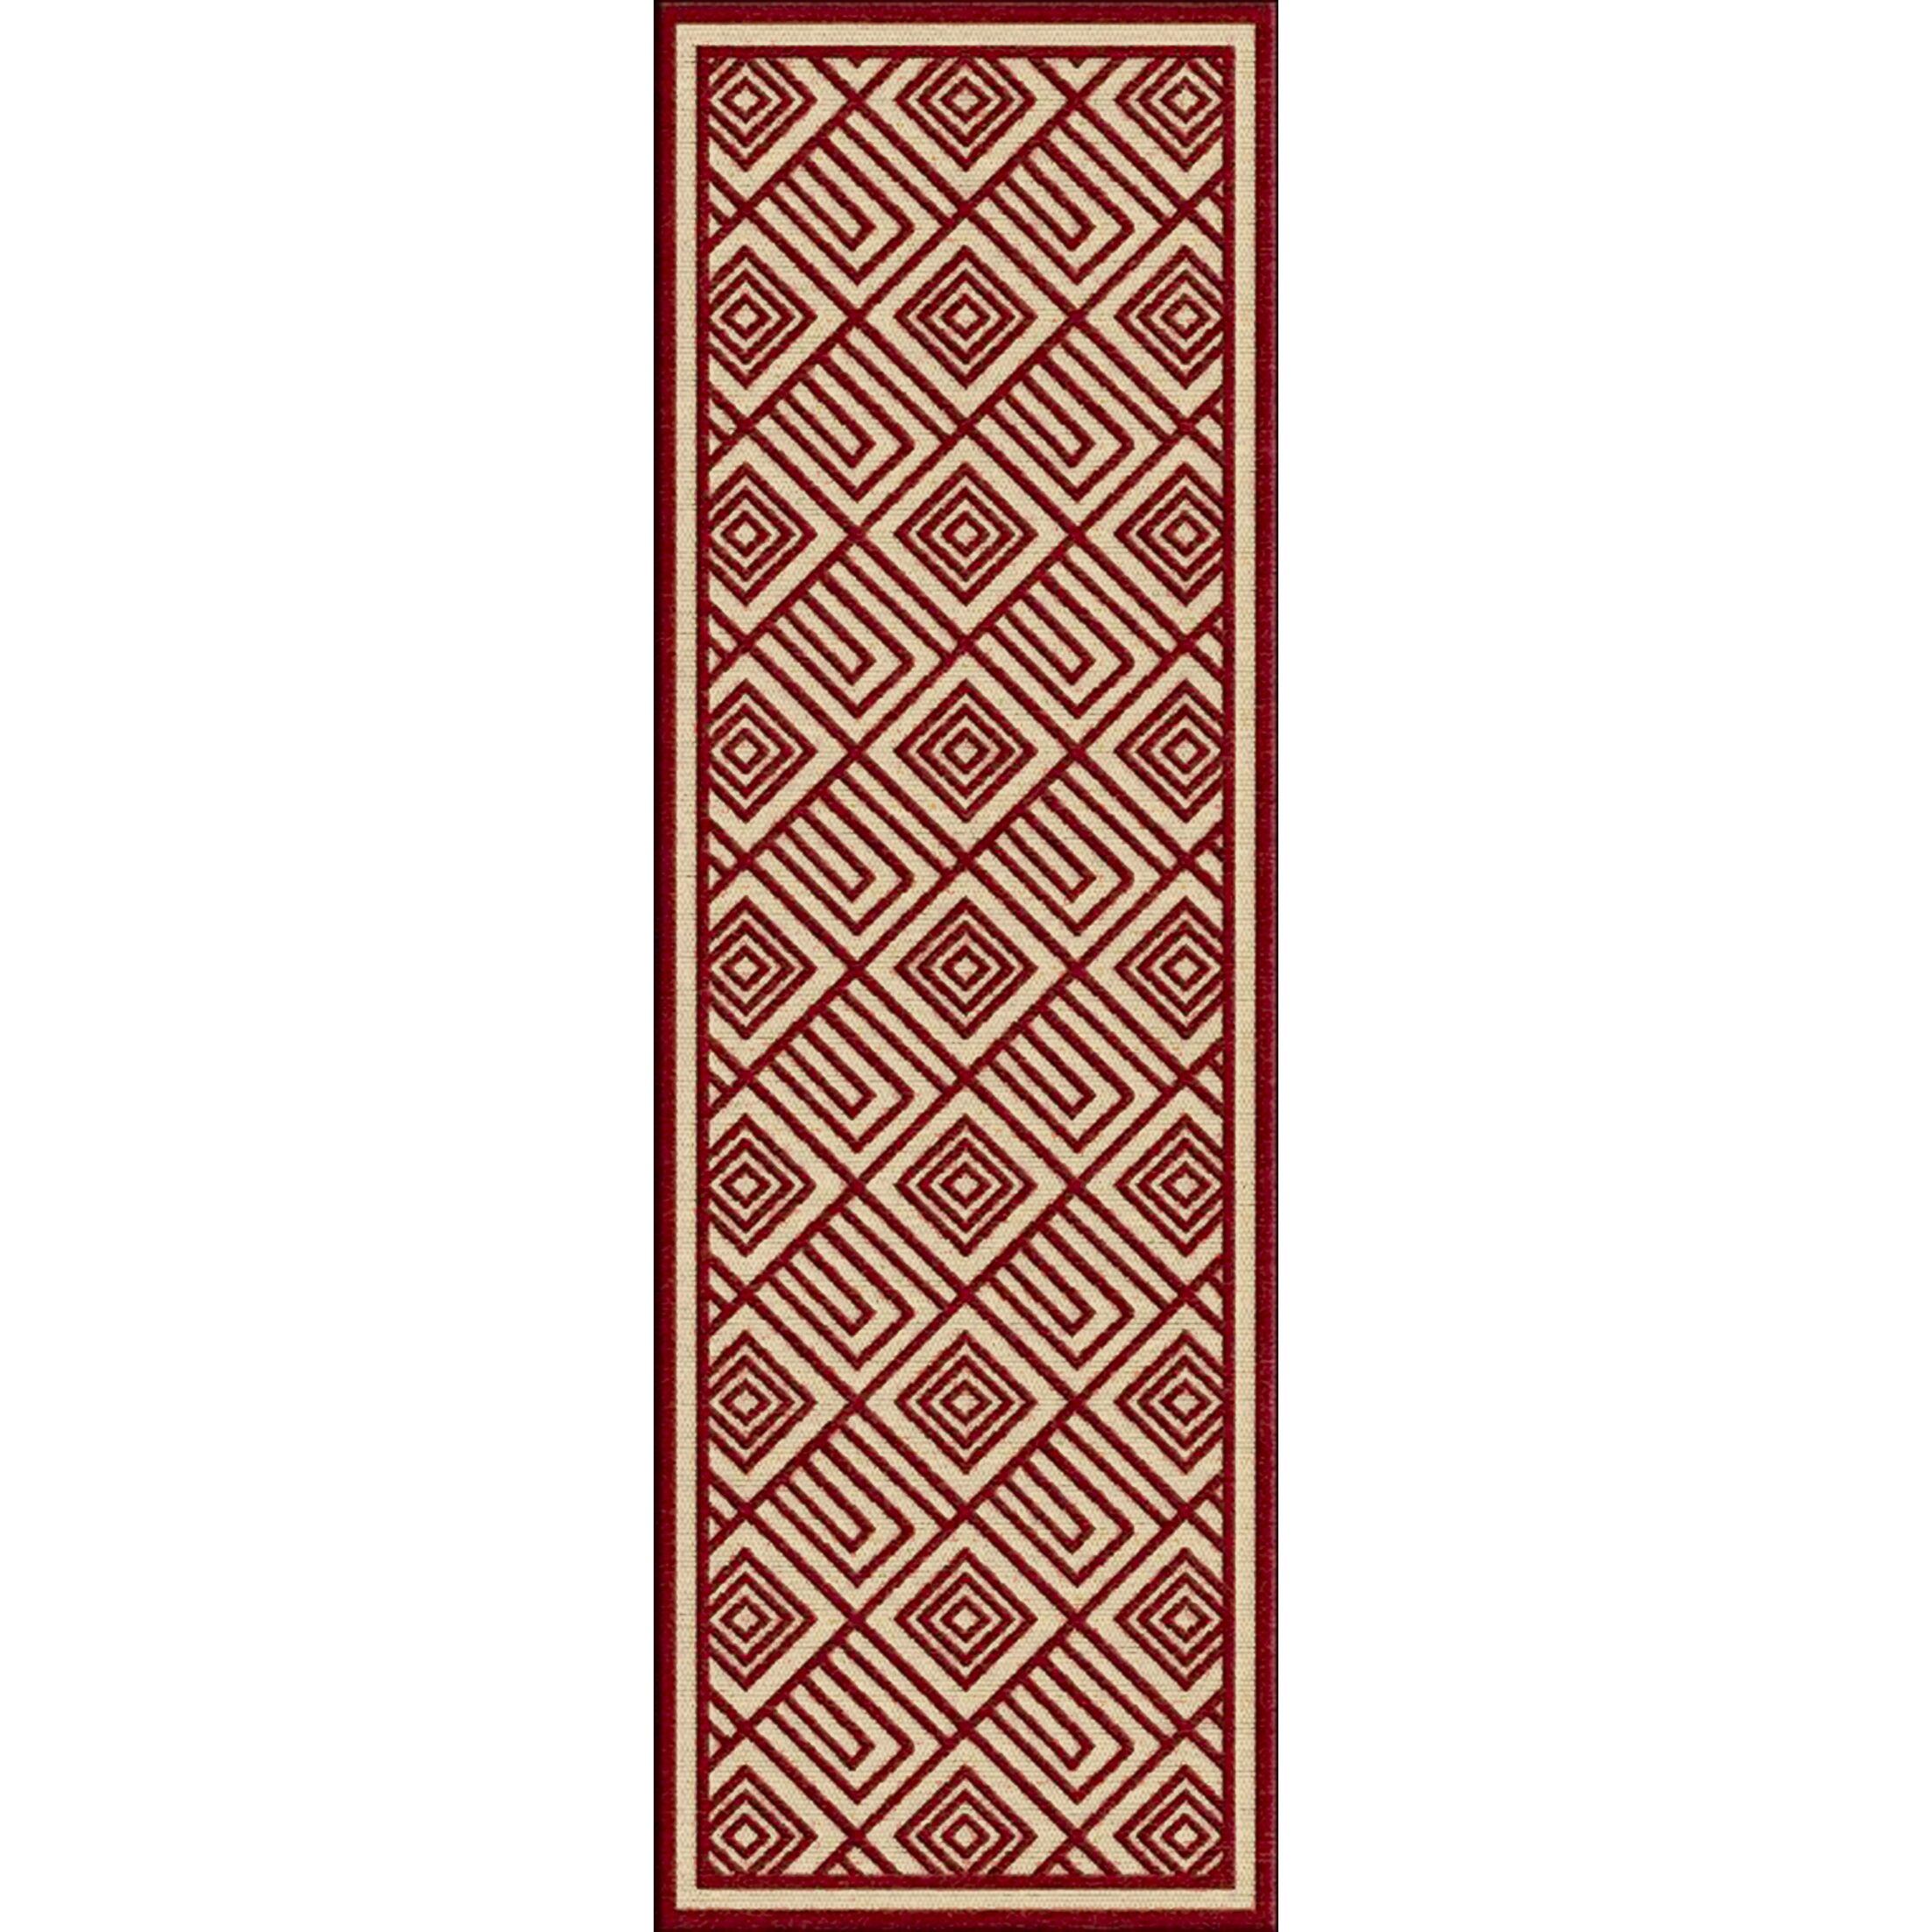 Vassar Dark Red/Khaki Indoor/Outdoor Area Rug Rug Size: Rectangle 8'8